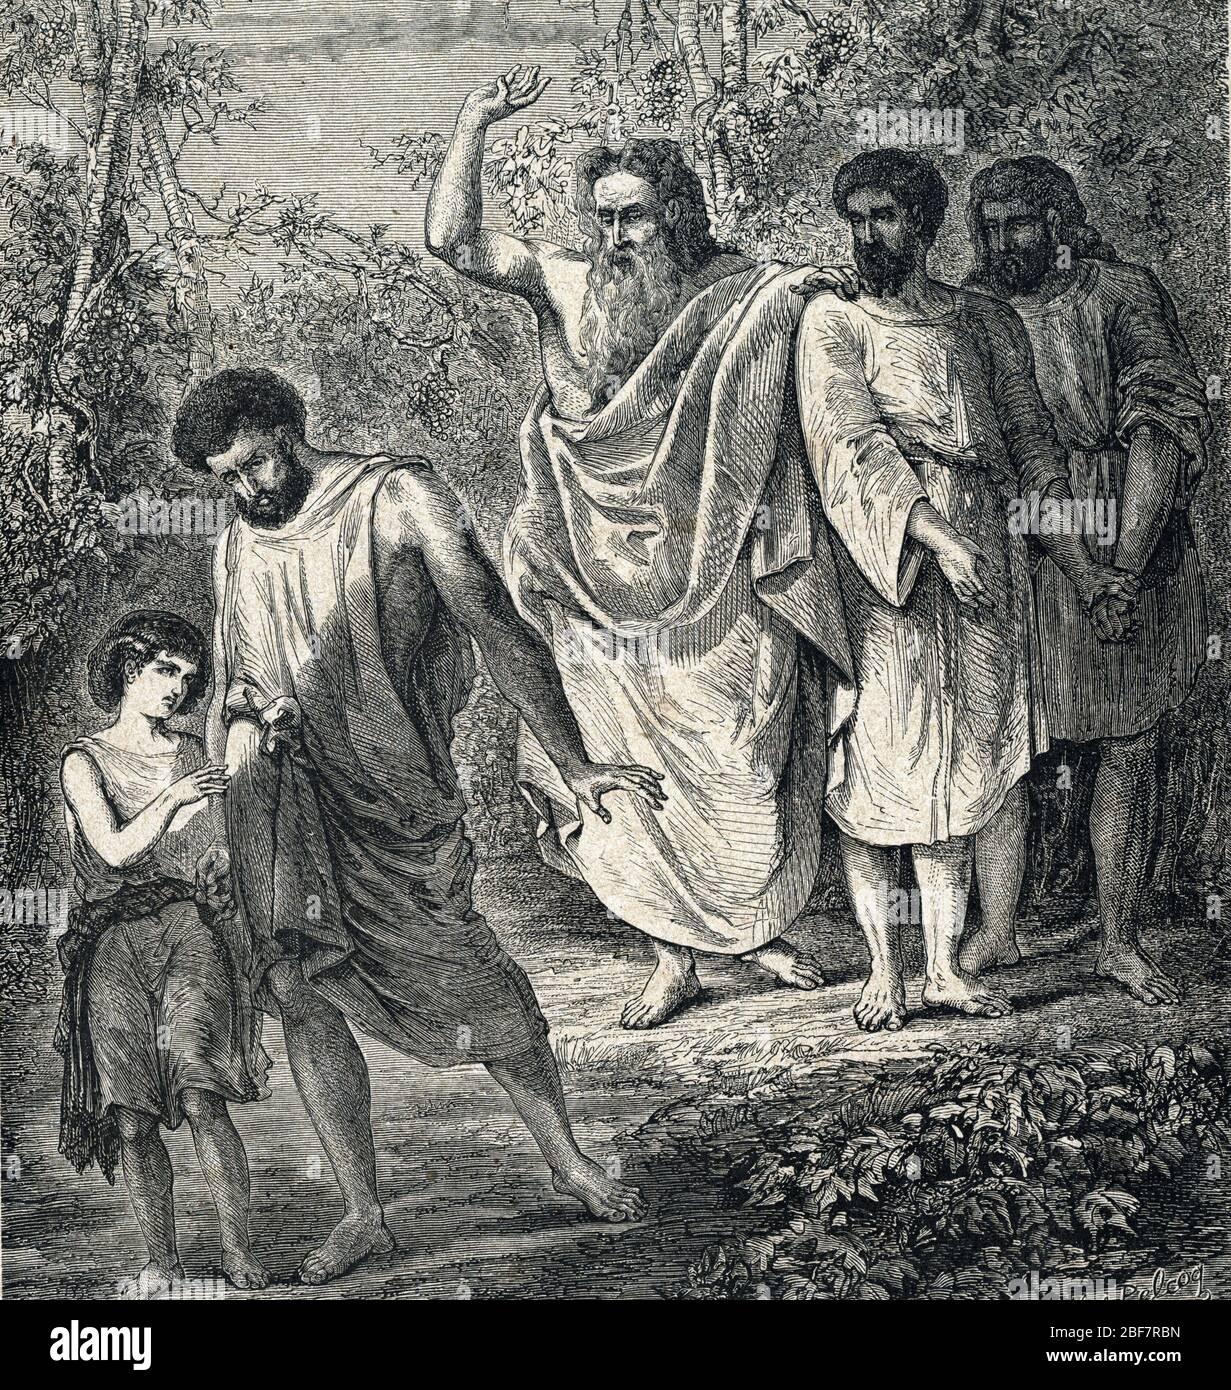 Noah Driving Ham Away - Noah curses Ham - La malediction de Cham - Le patriarche Noe maudit son petit fils Canaan, pour une faute commise par son pere Stock Photo